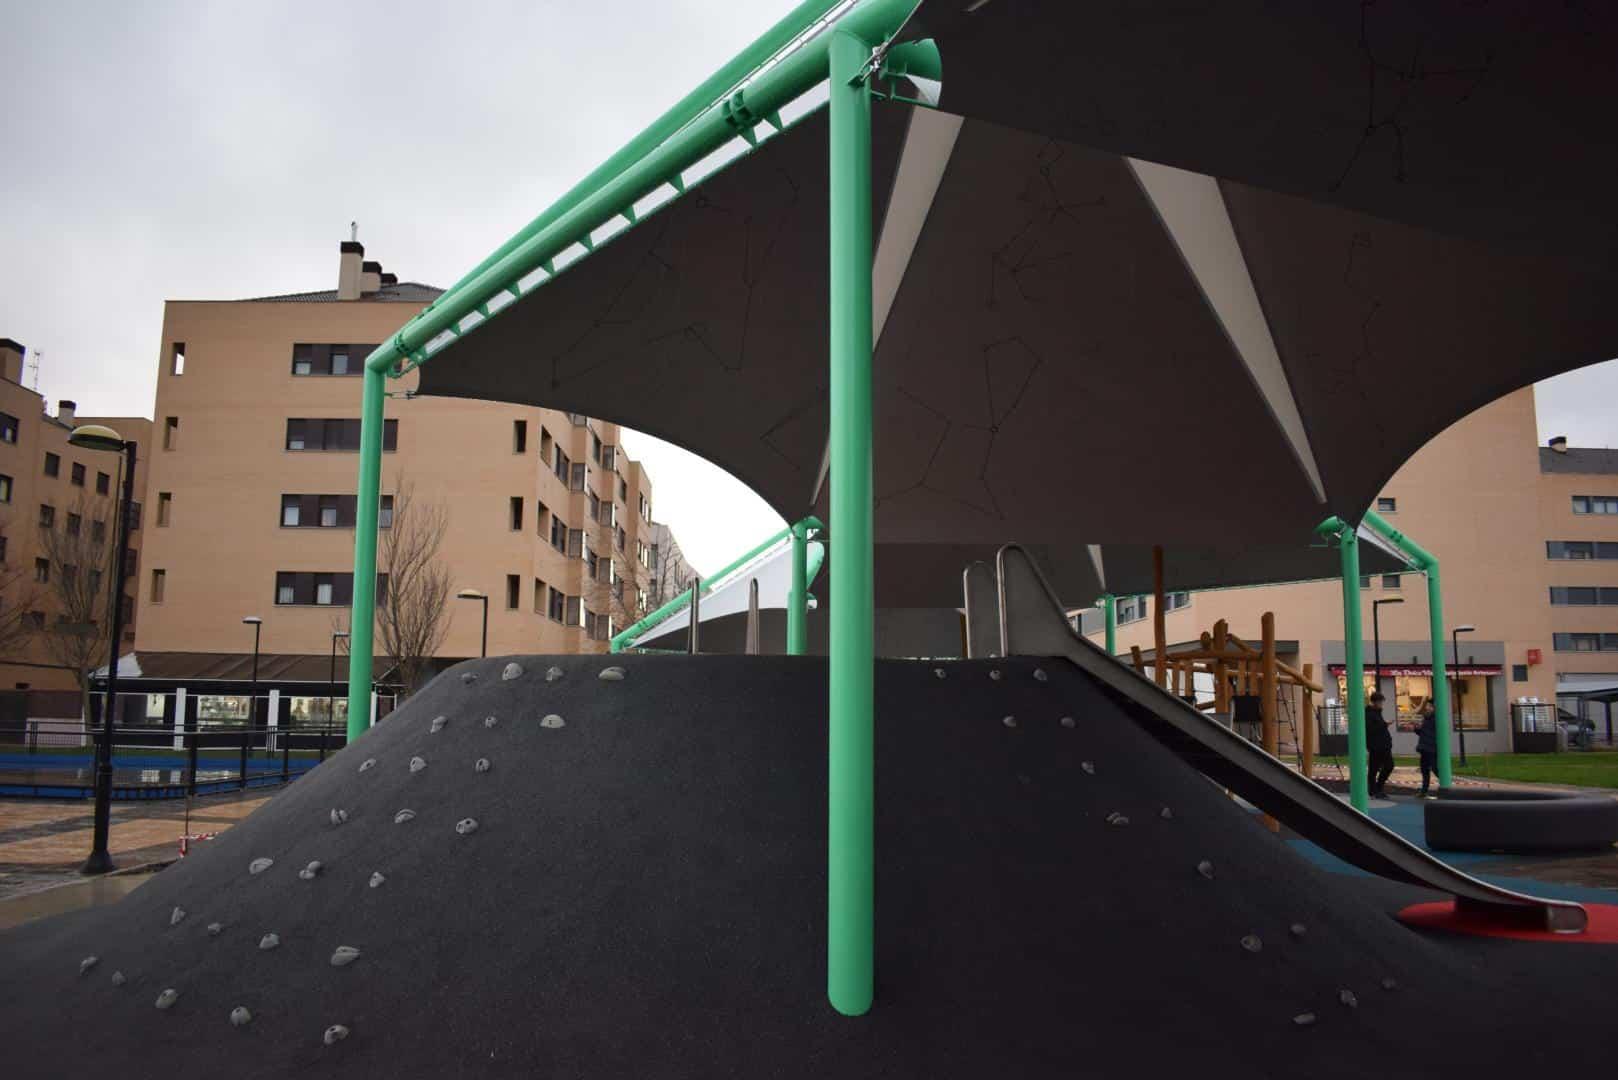 El Mazo ya disfruta de su nuevo parque infantil cubierto 2